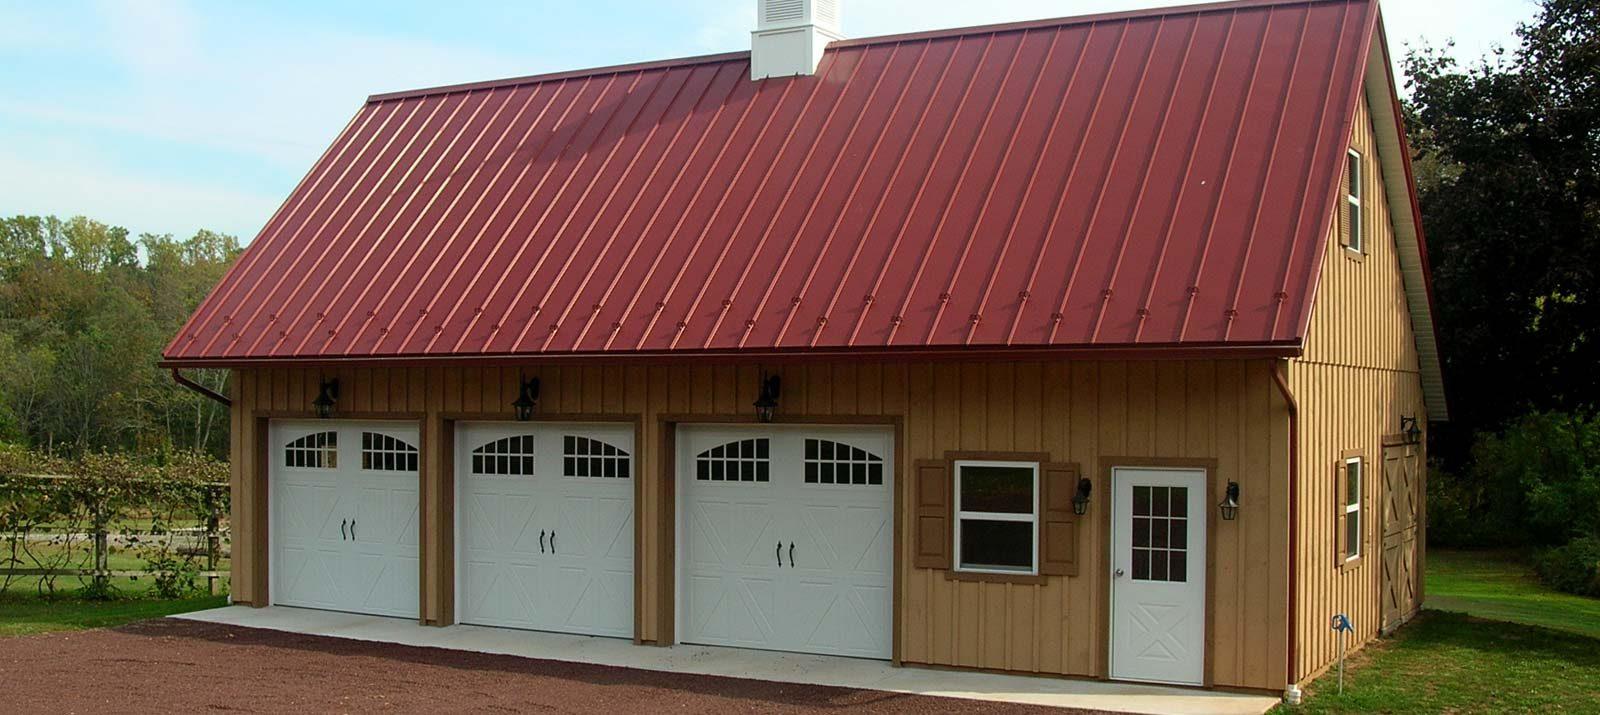 cb-slider-garages-custom-2